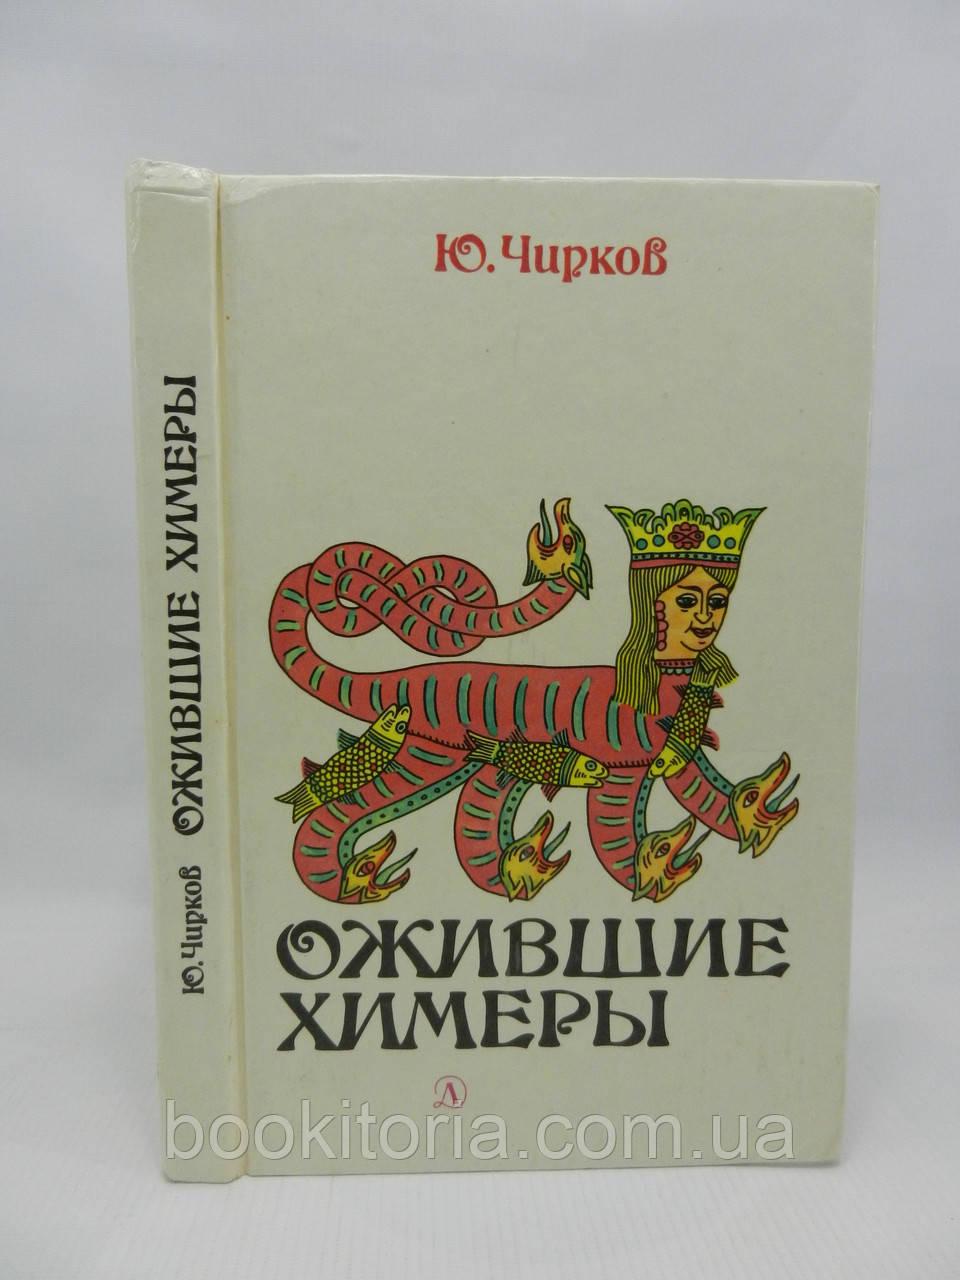 Чирков Ю.Г. Ожившие химеры (б/у).